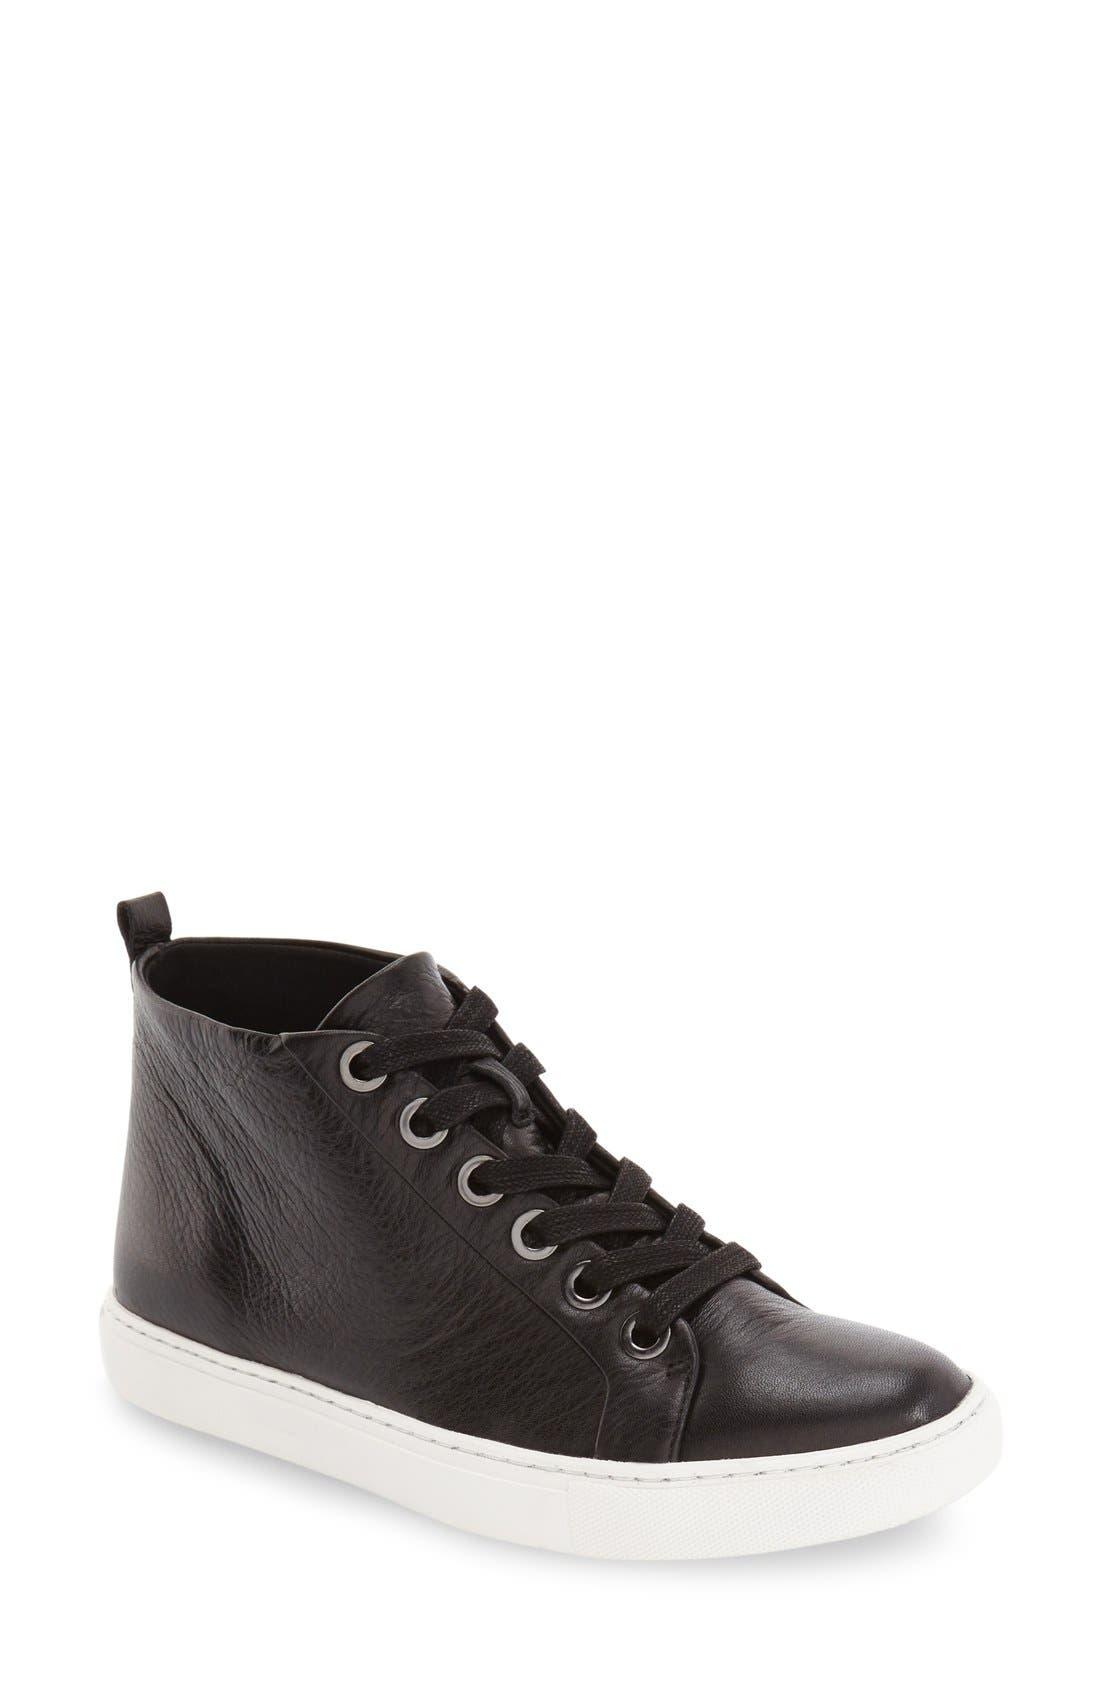 'Kaleb' High Top Sneaker,                         Main,                         color,